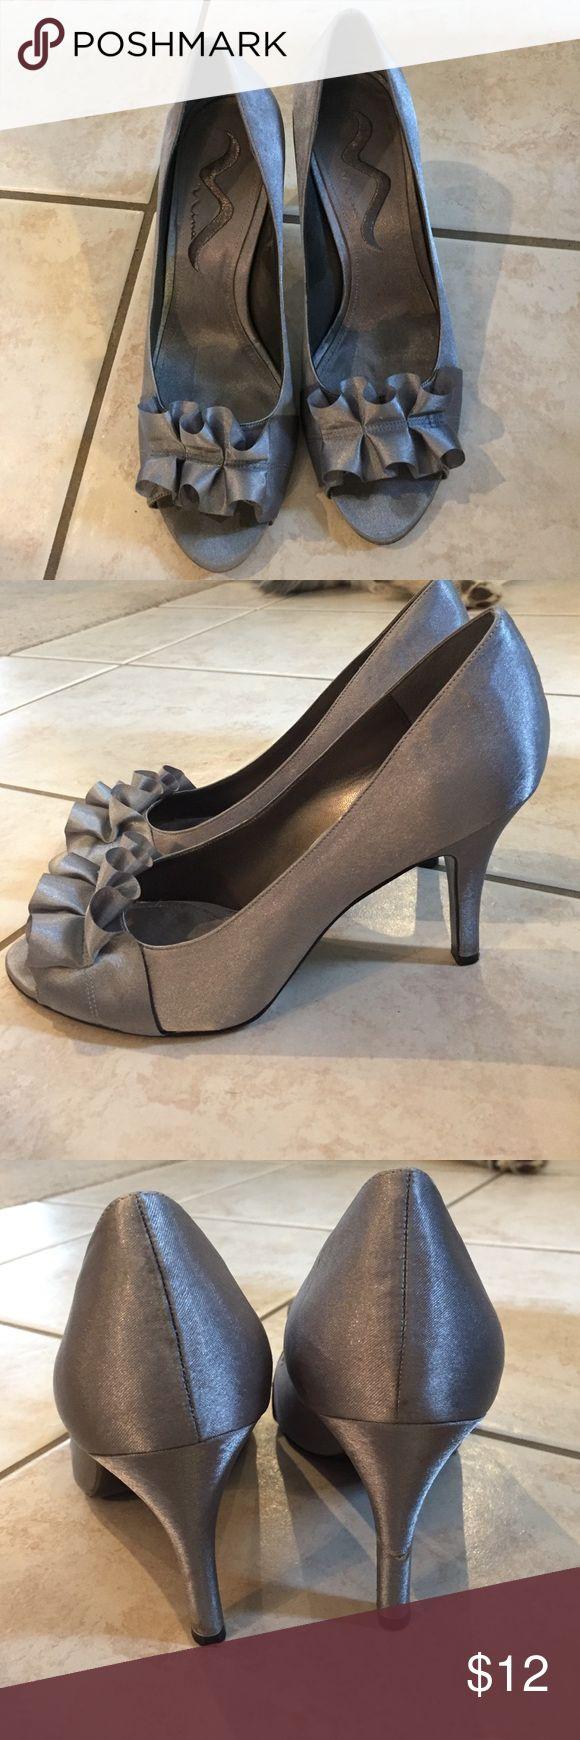 Nina heels Silver, open toed, heels. Small tear on right heel, worn once. Nina Shoes Heels